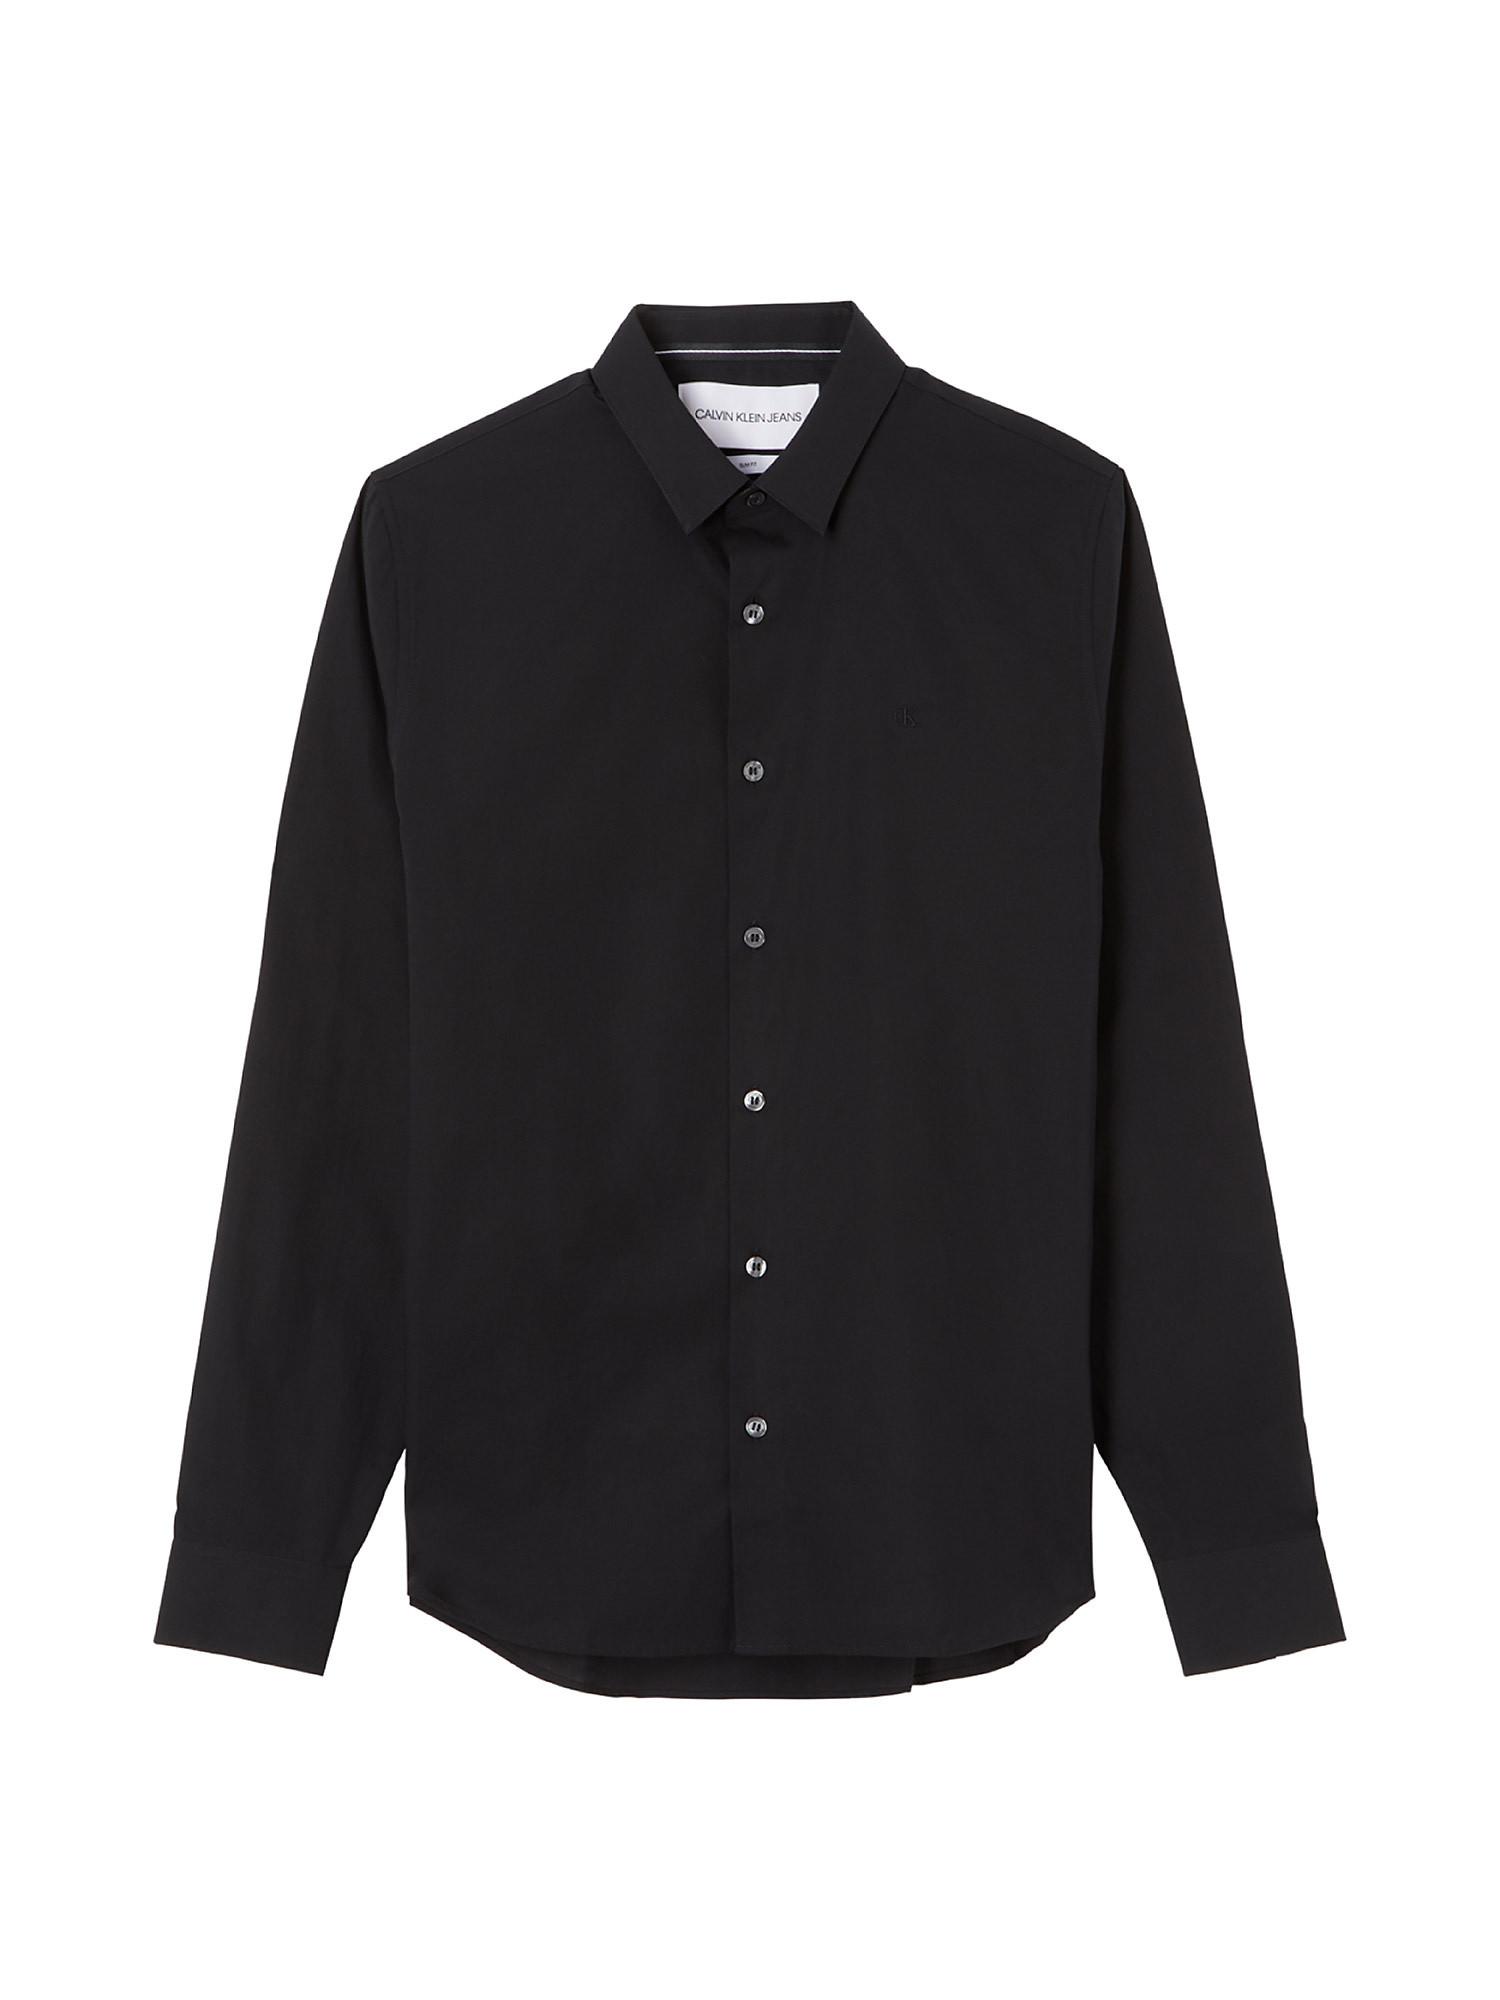 Camicia in cotone elasticizzato, Nero, large image number 1